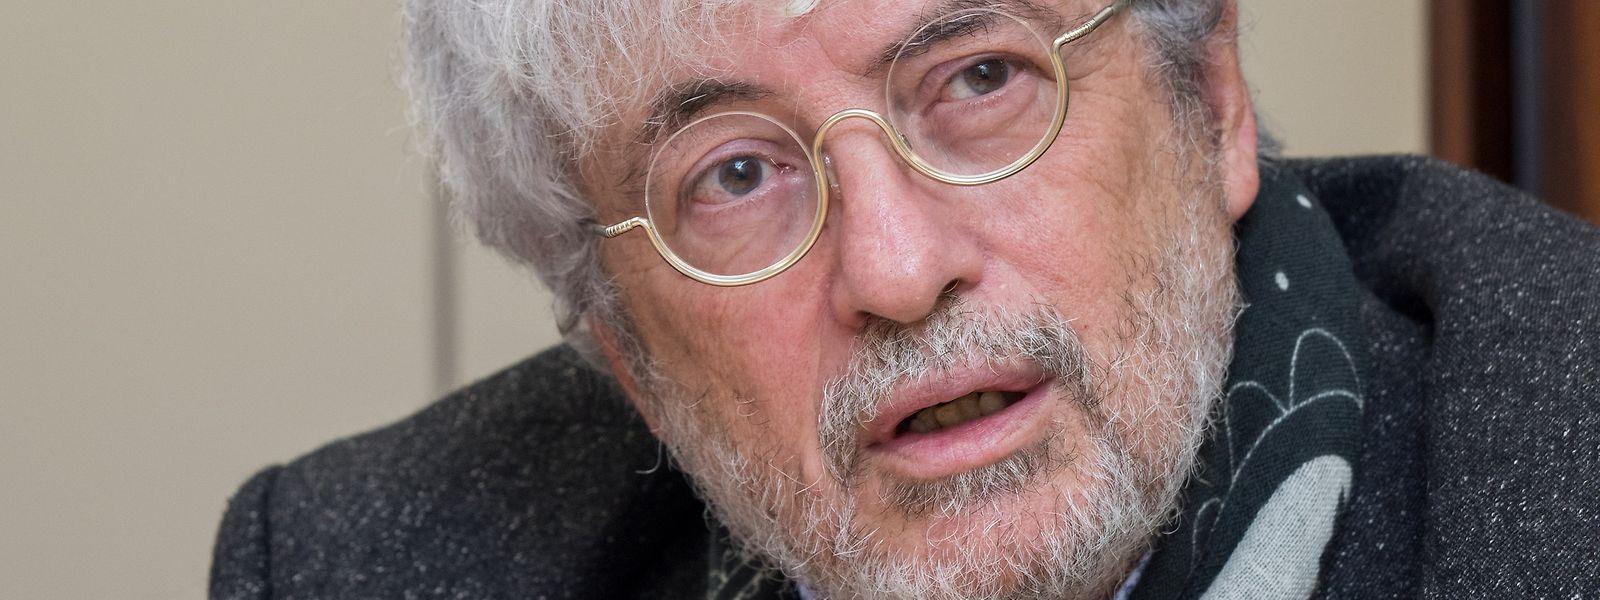 Gilbert Pregno est psychologue et président de la commission consultative des droits de l'homme.